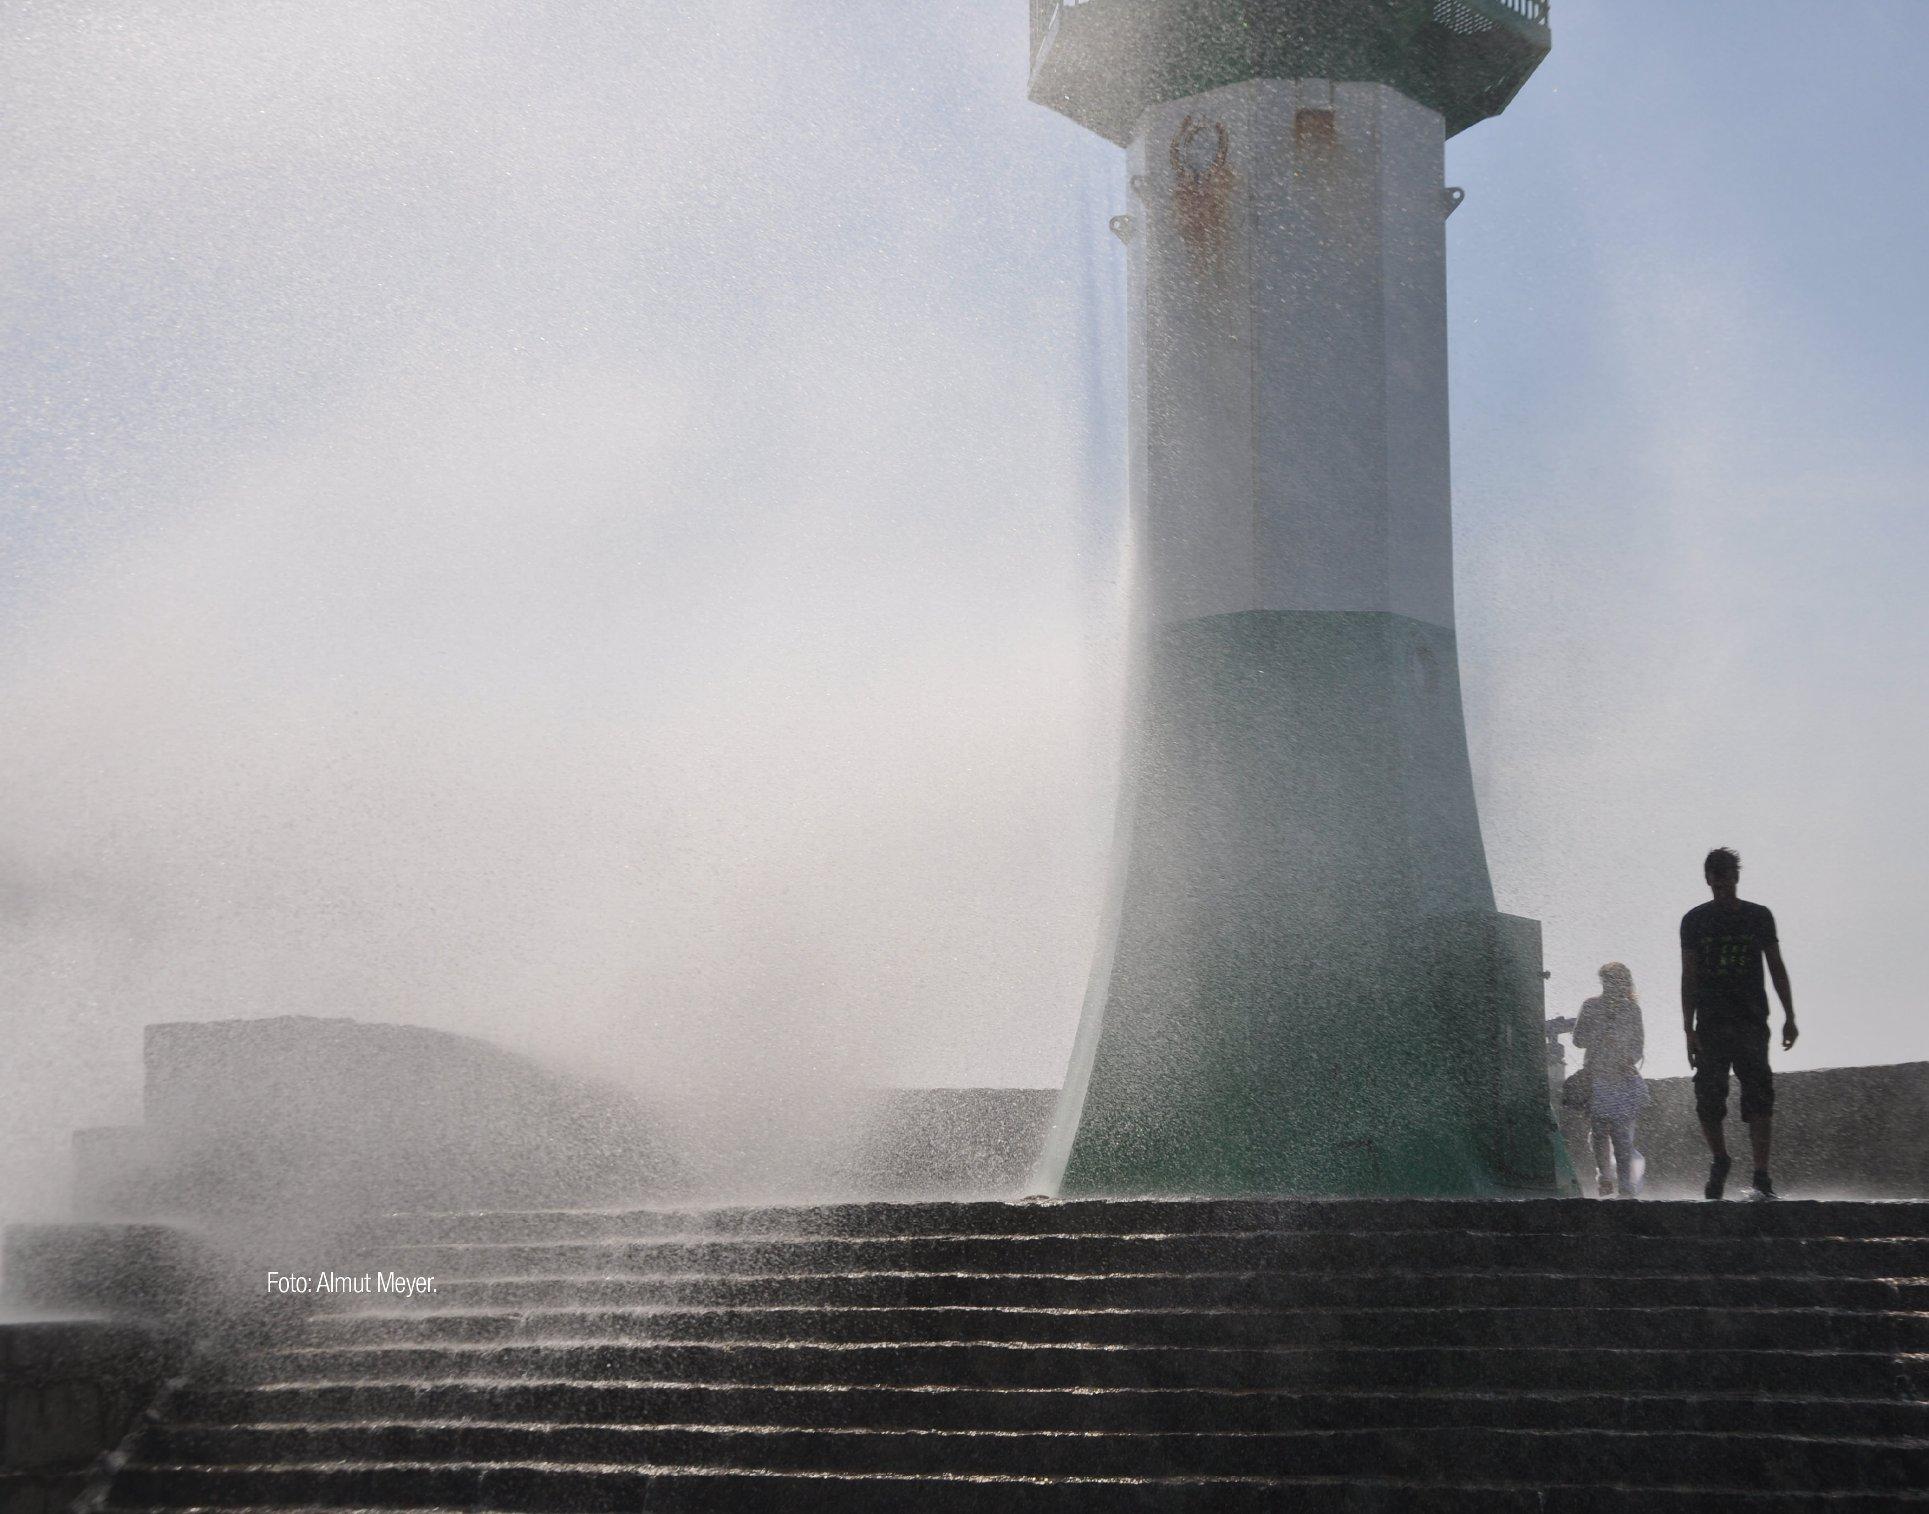 Bild einer Wasserfontäne die an einem Leuchtturm bricht